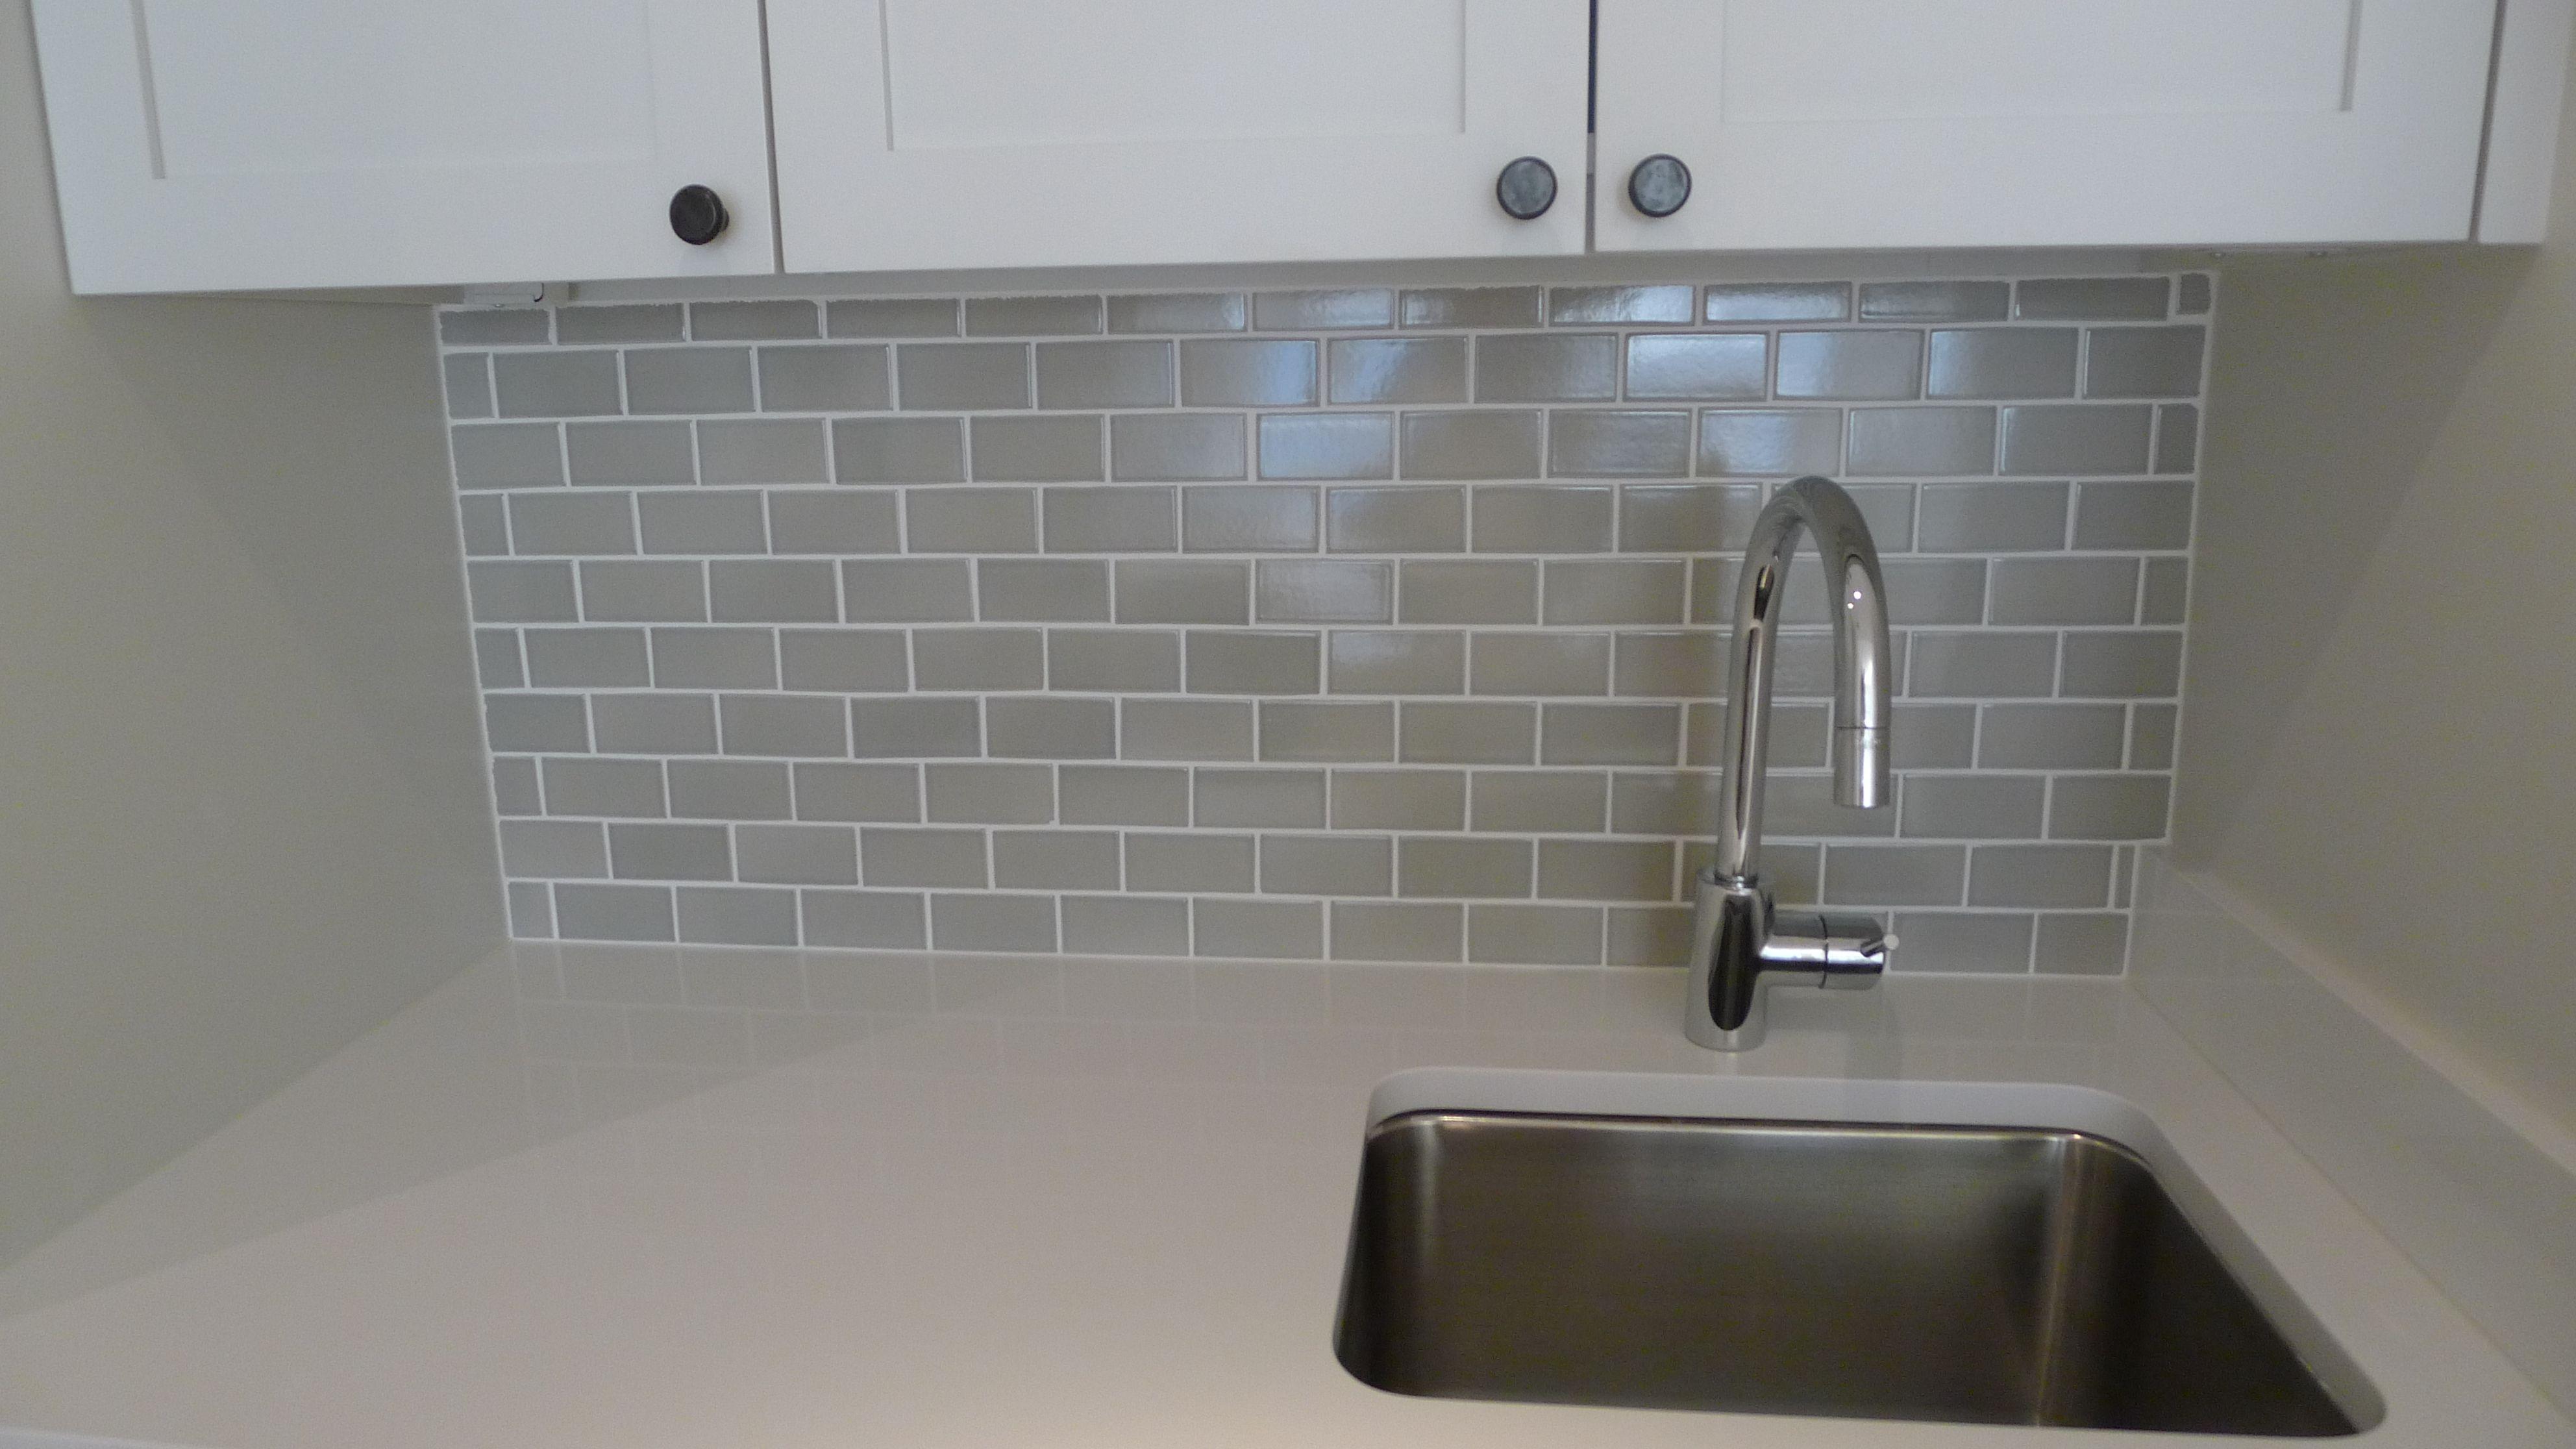 Ann sacks 2 x 4 grey subway tile backsplash jmorrisdesign ann sacks 2 x 4 grey subway tile backsplash jmorrisdesign kitchendesign doublecrazyfo Image collections